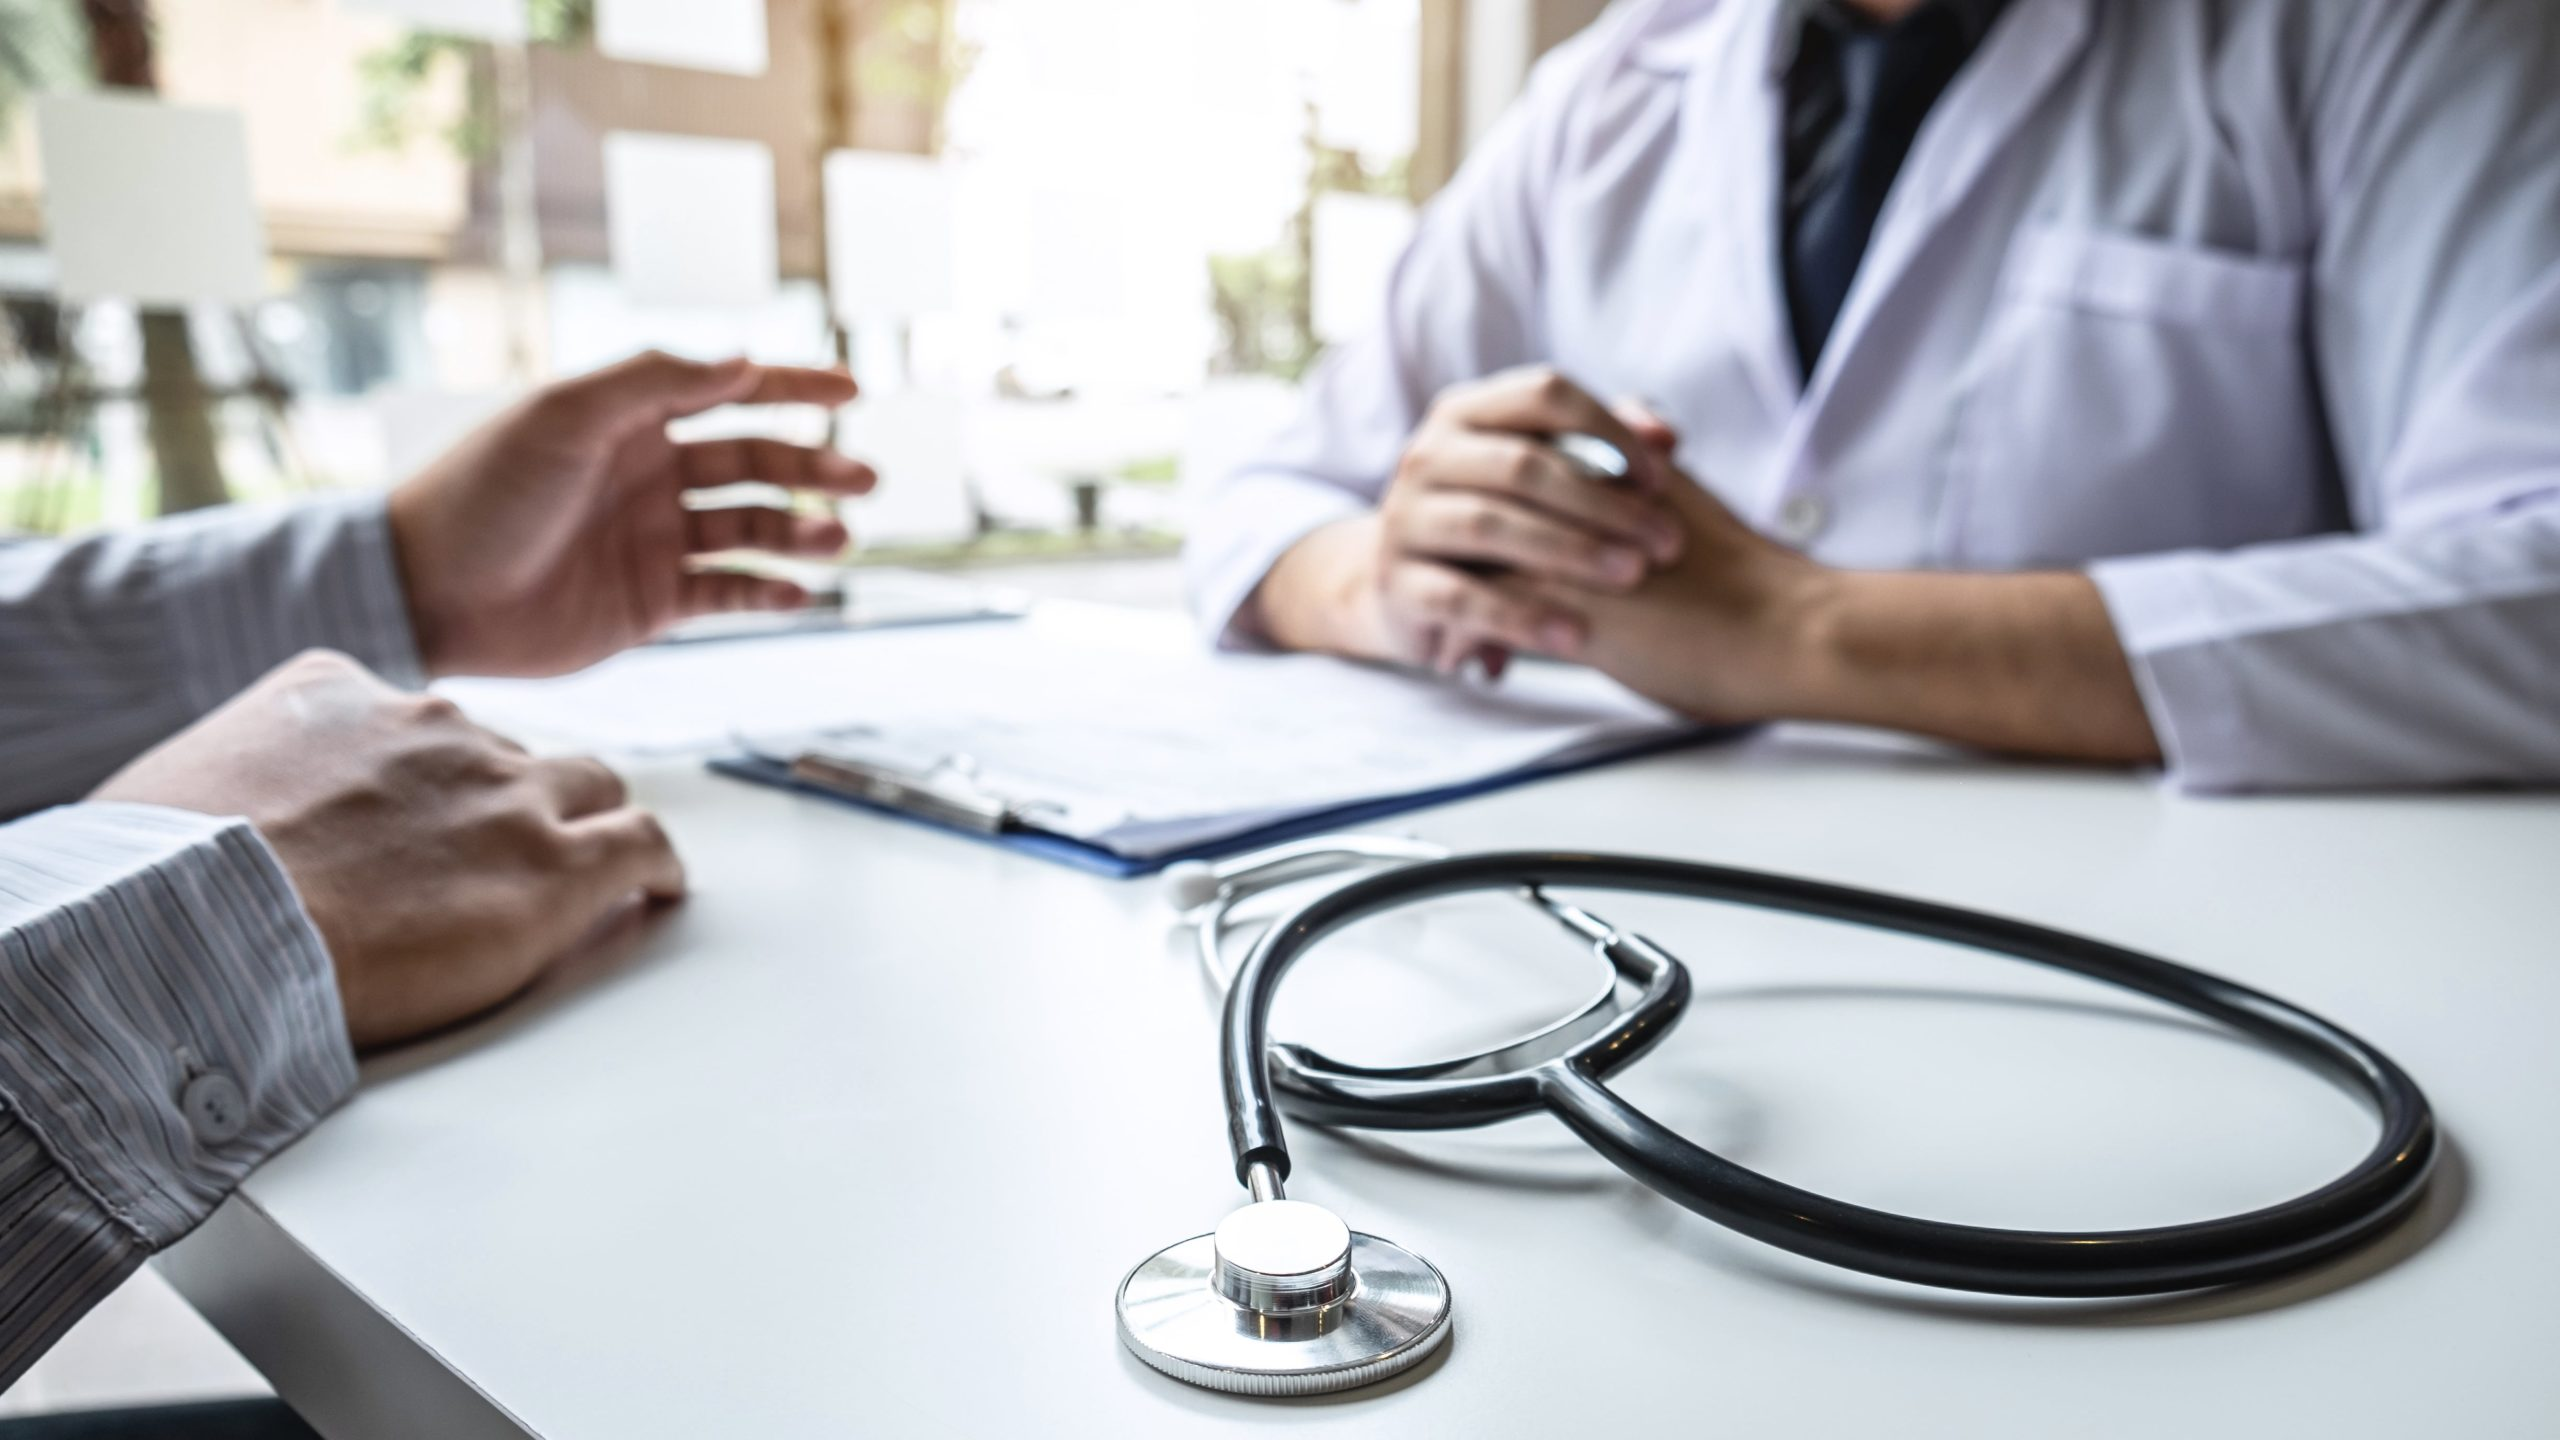 diagnostic faute médicale